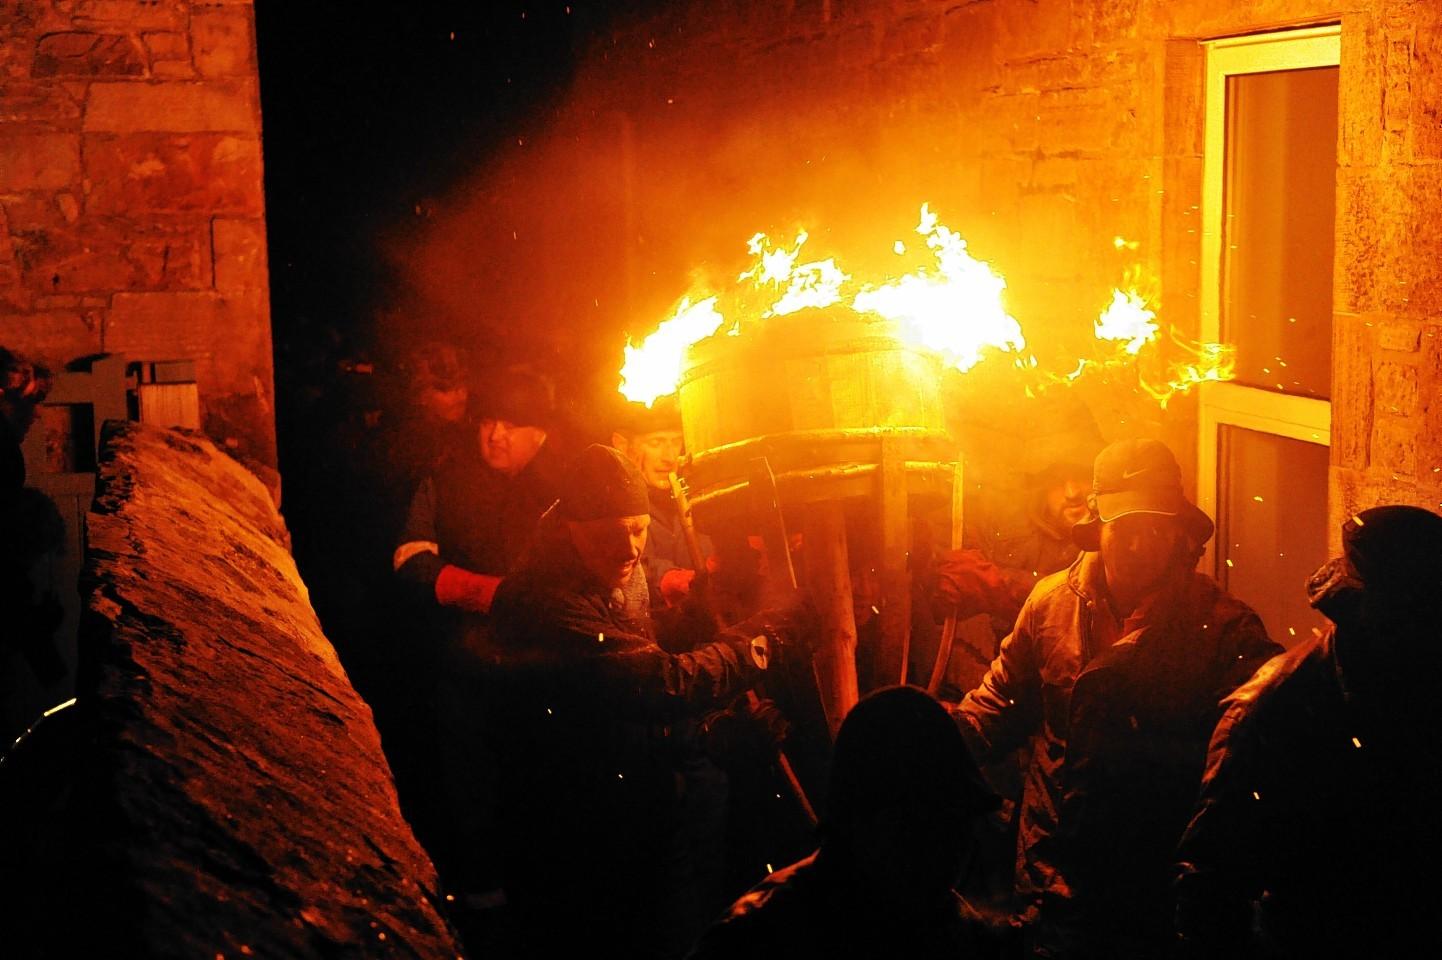 Gordon Lennox captured the scene from last year's festival